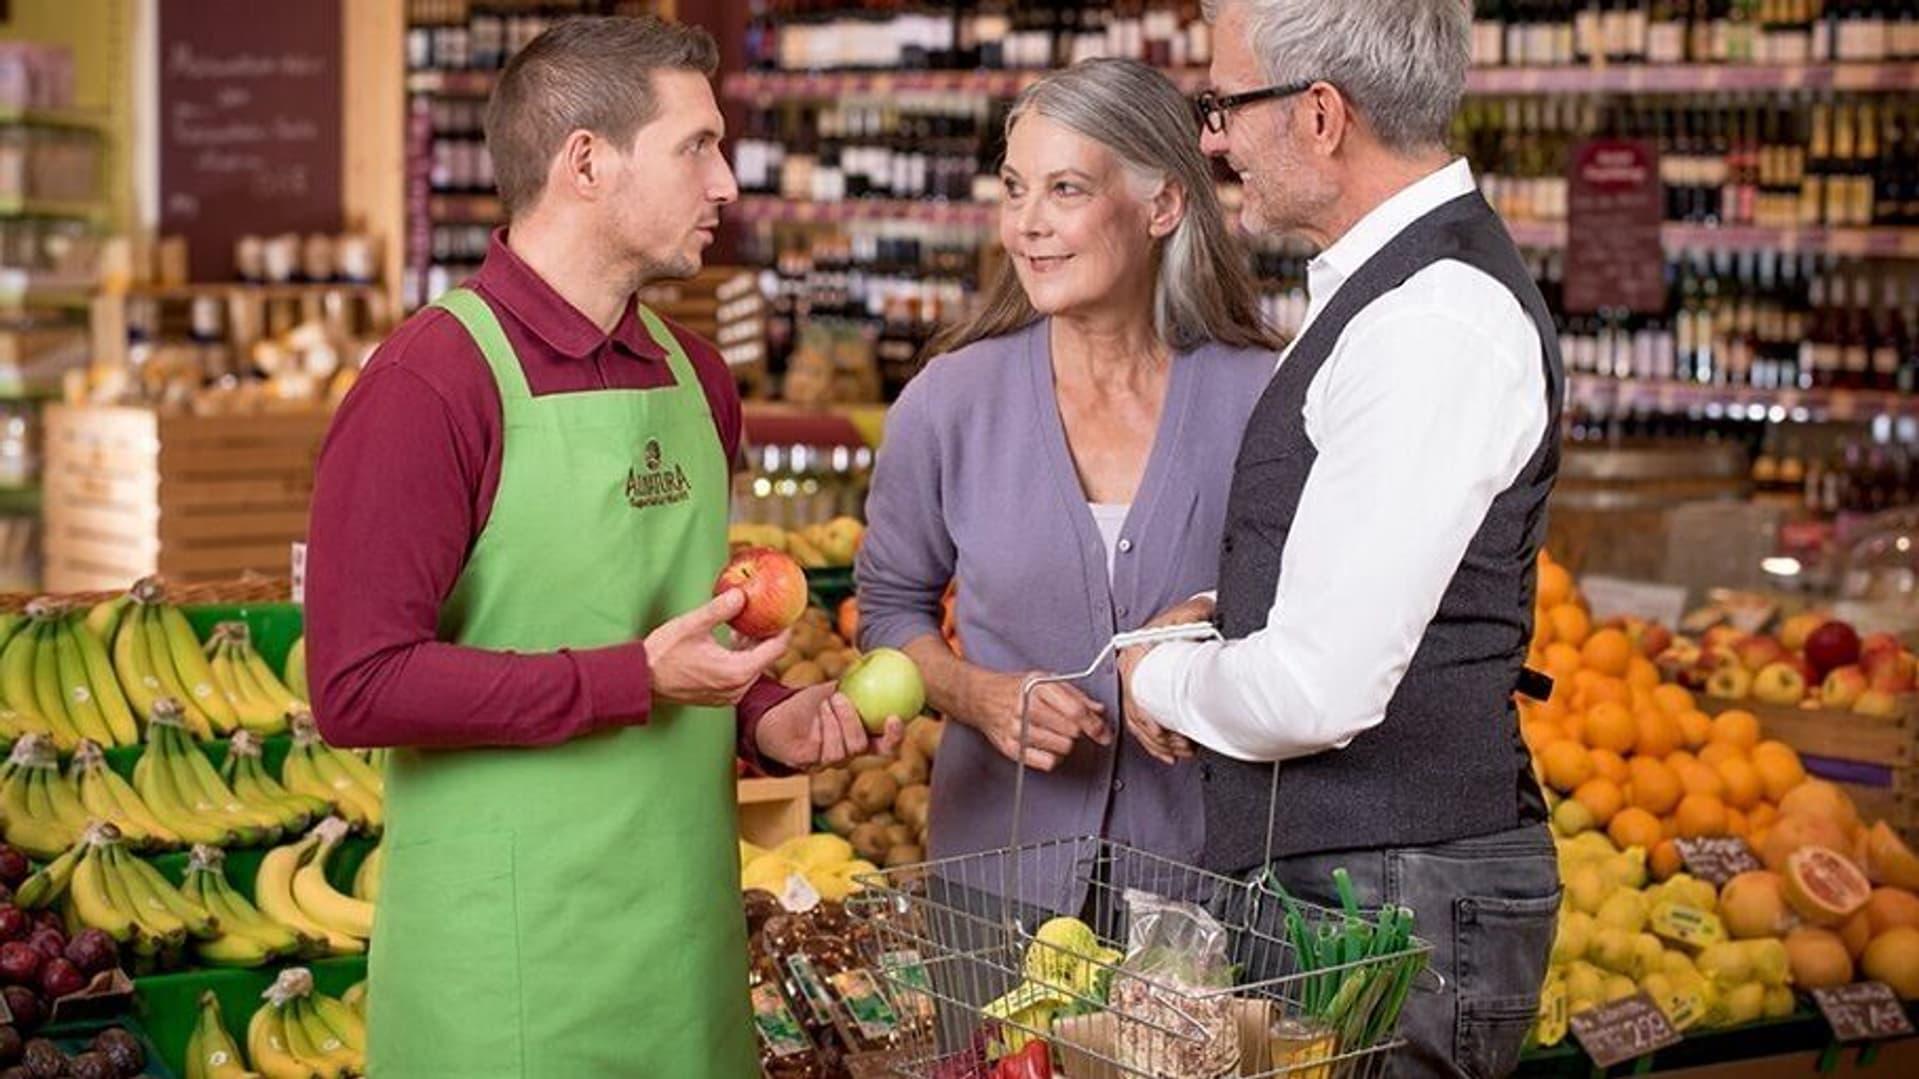 Kann sich auf eine Lohnerhöhung freuen: Alnatura-Mitarbeiter im Gespräch mit Kunden